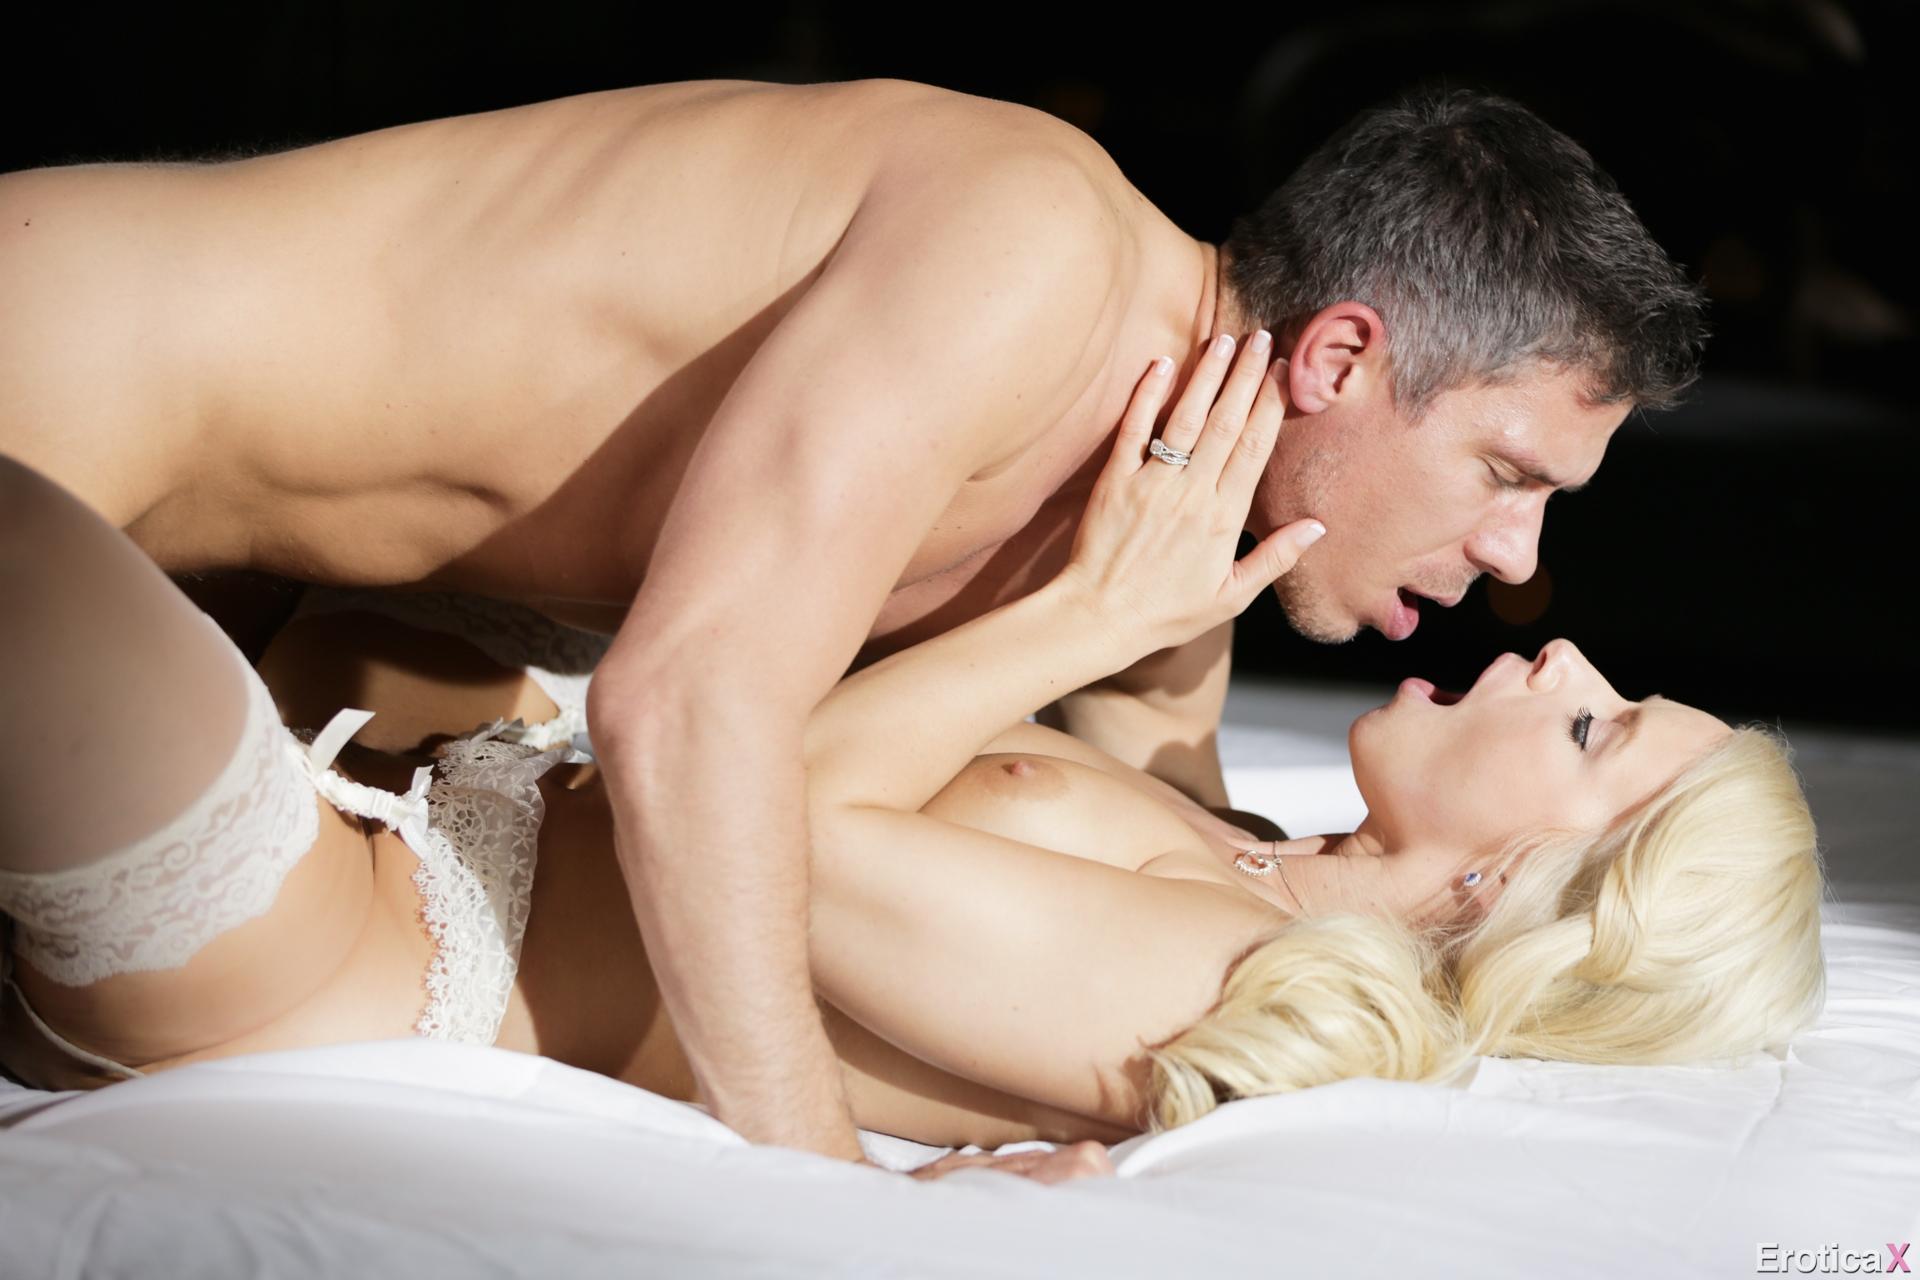 Снимают первую брачную ночь, Молодожены сняли на камеру секс в первую брачную 3 фотография